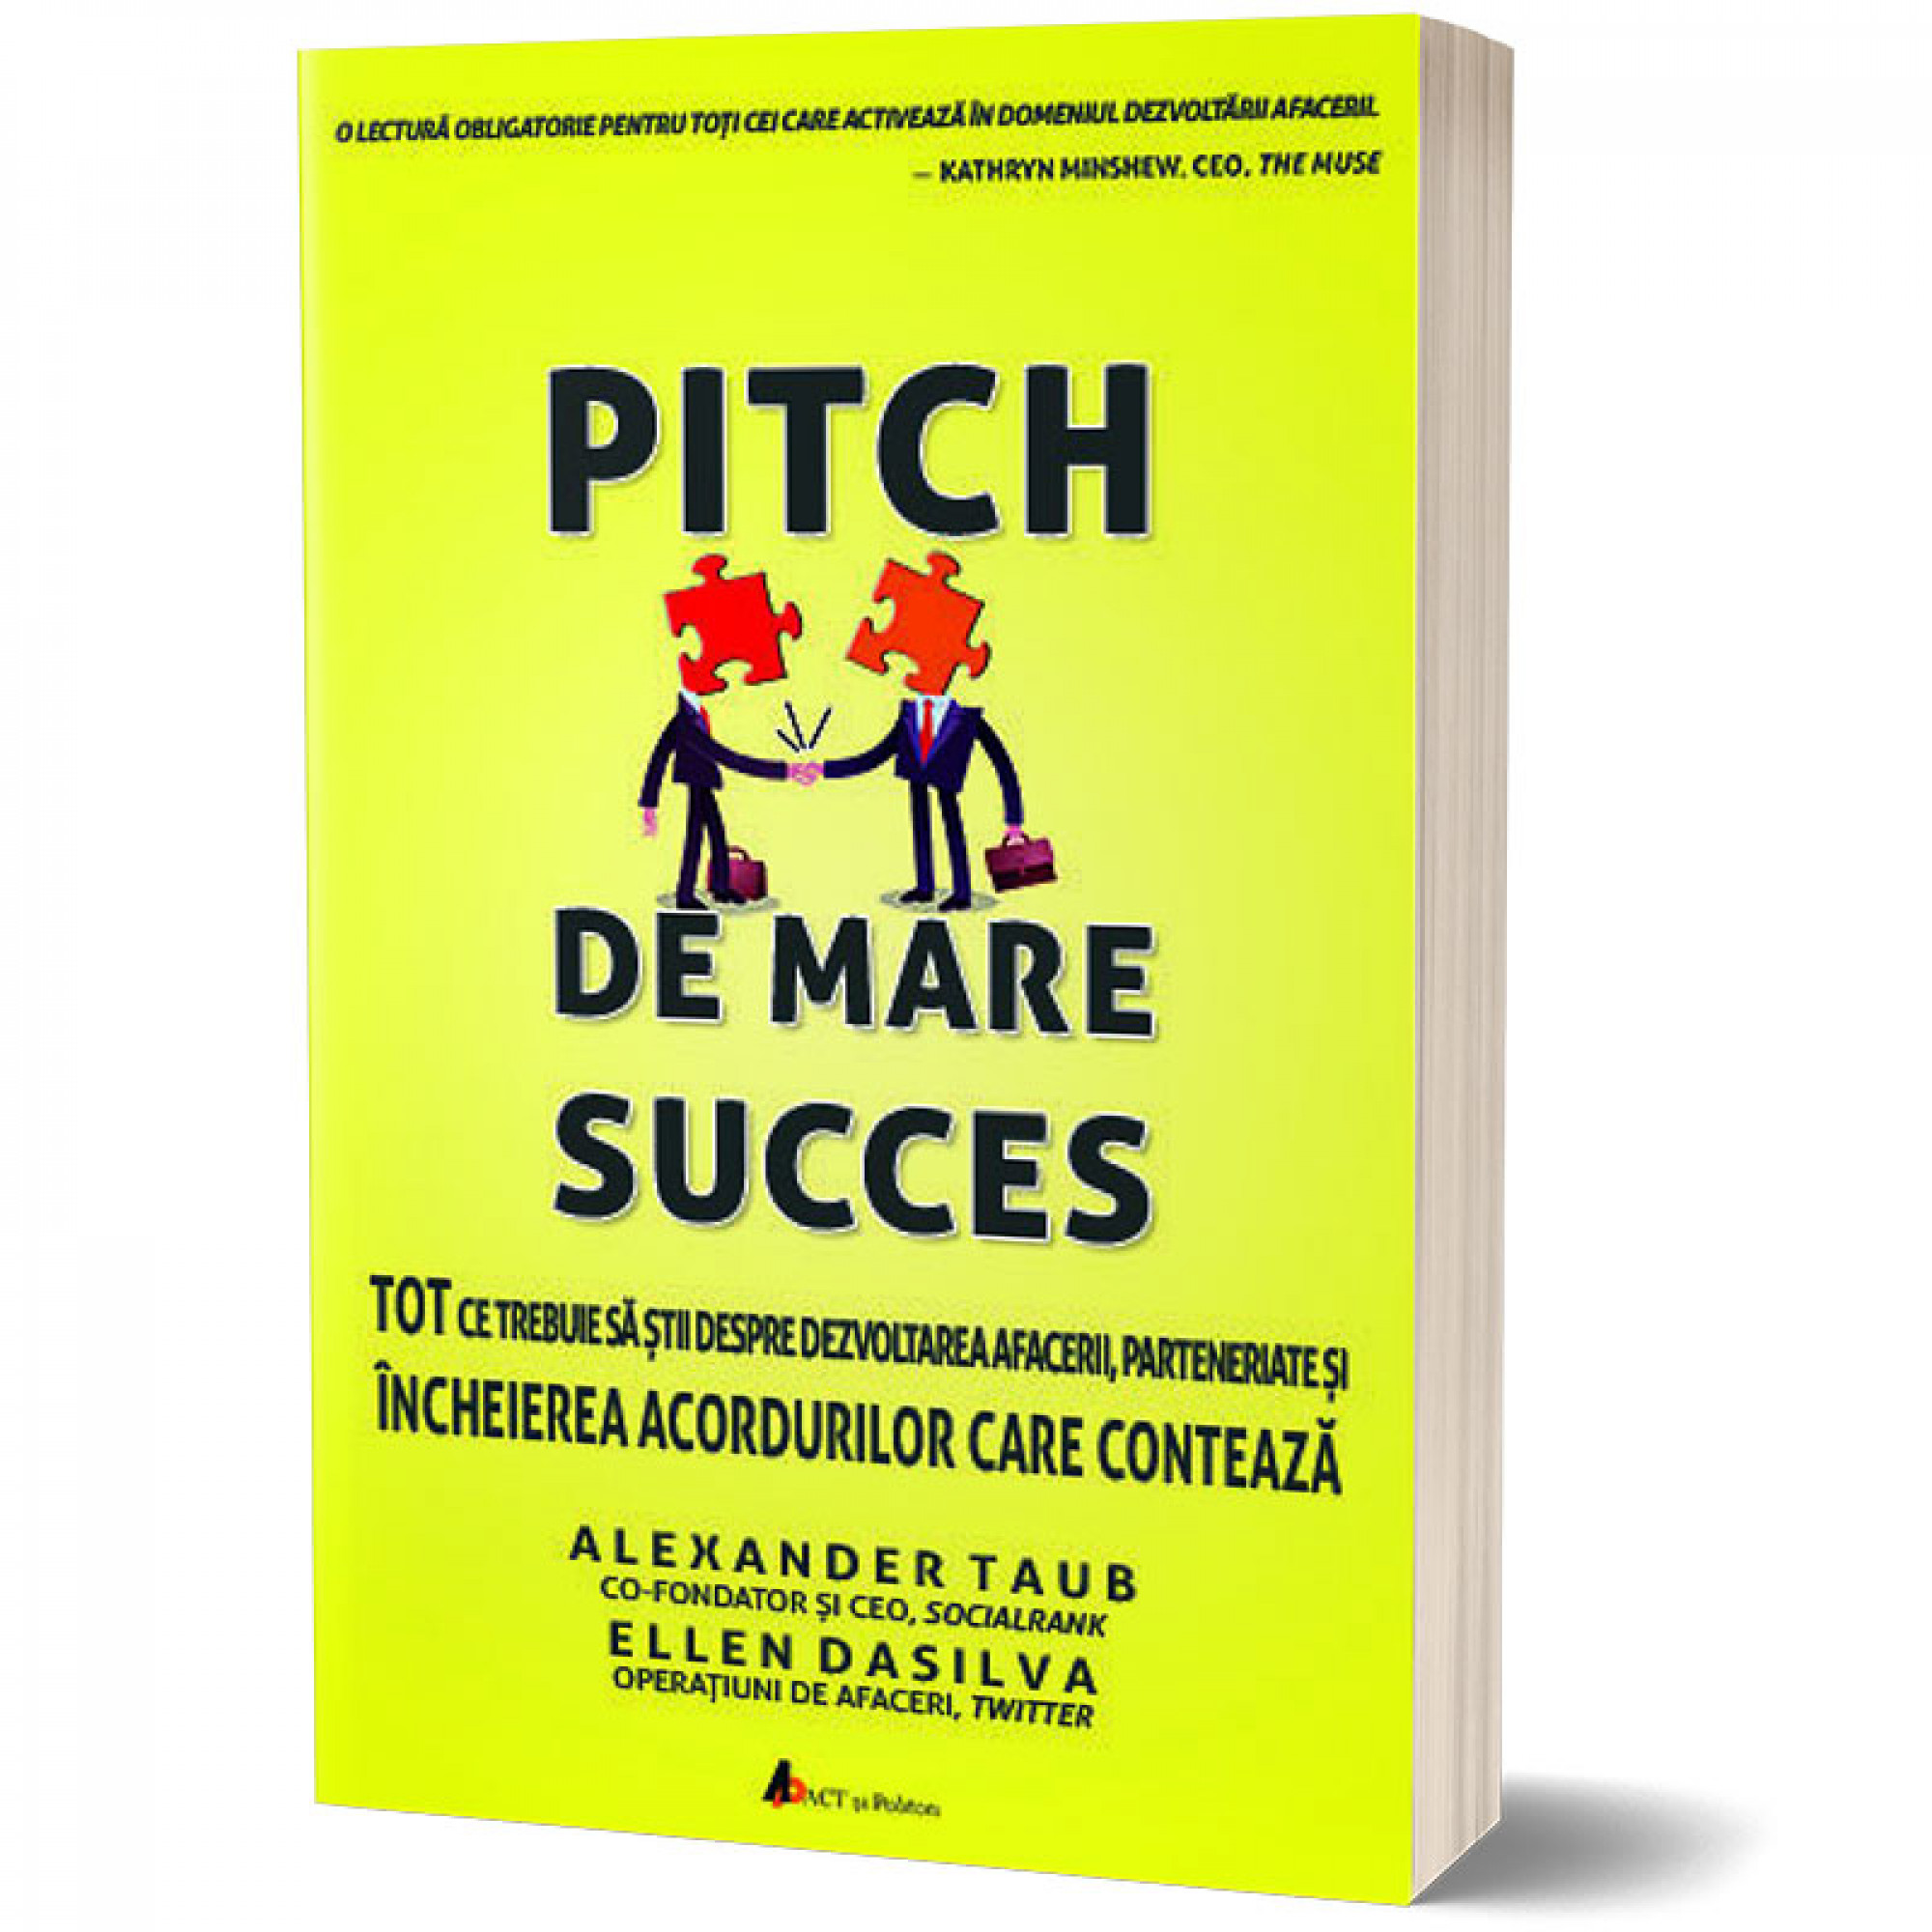 Pitch de mare succes - Tot ce trebuie să ştii despre dezvoltarea afacerii, încheierea acordurilor